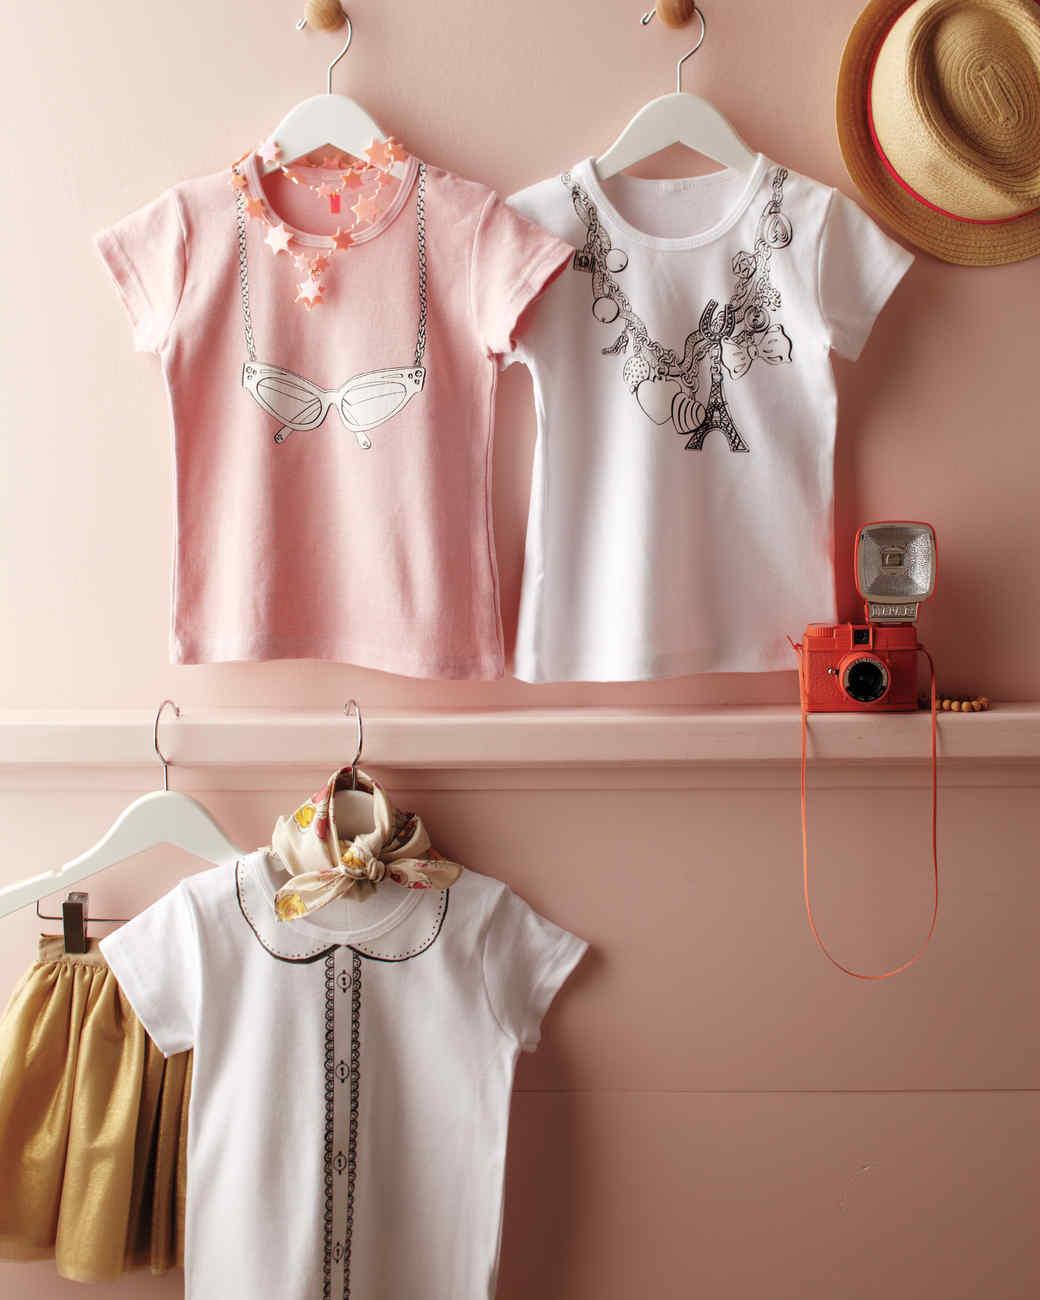 trompe-loeil-shirts-mld108866.jpg